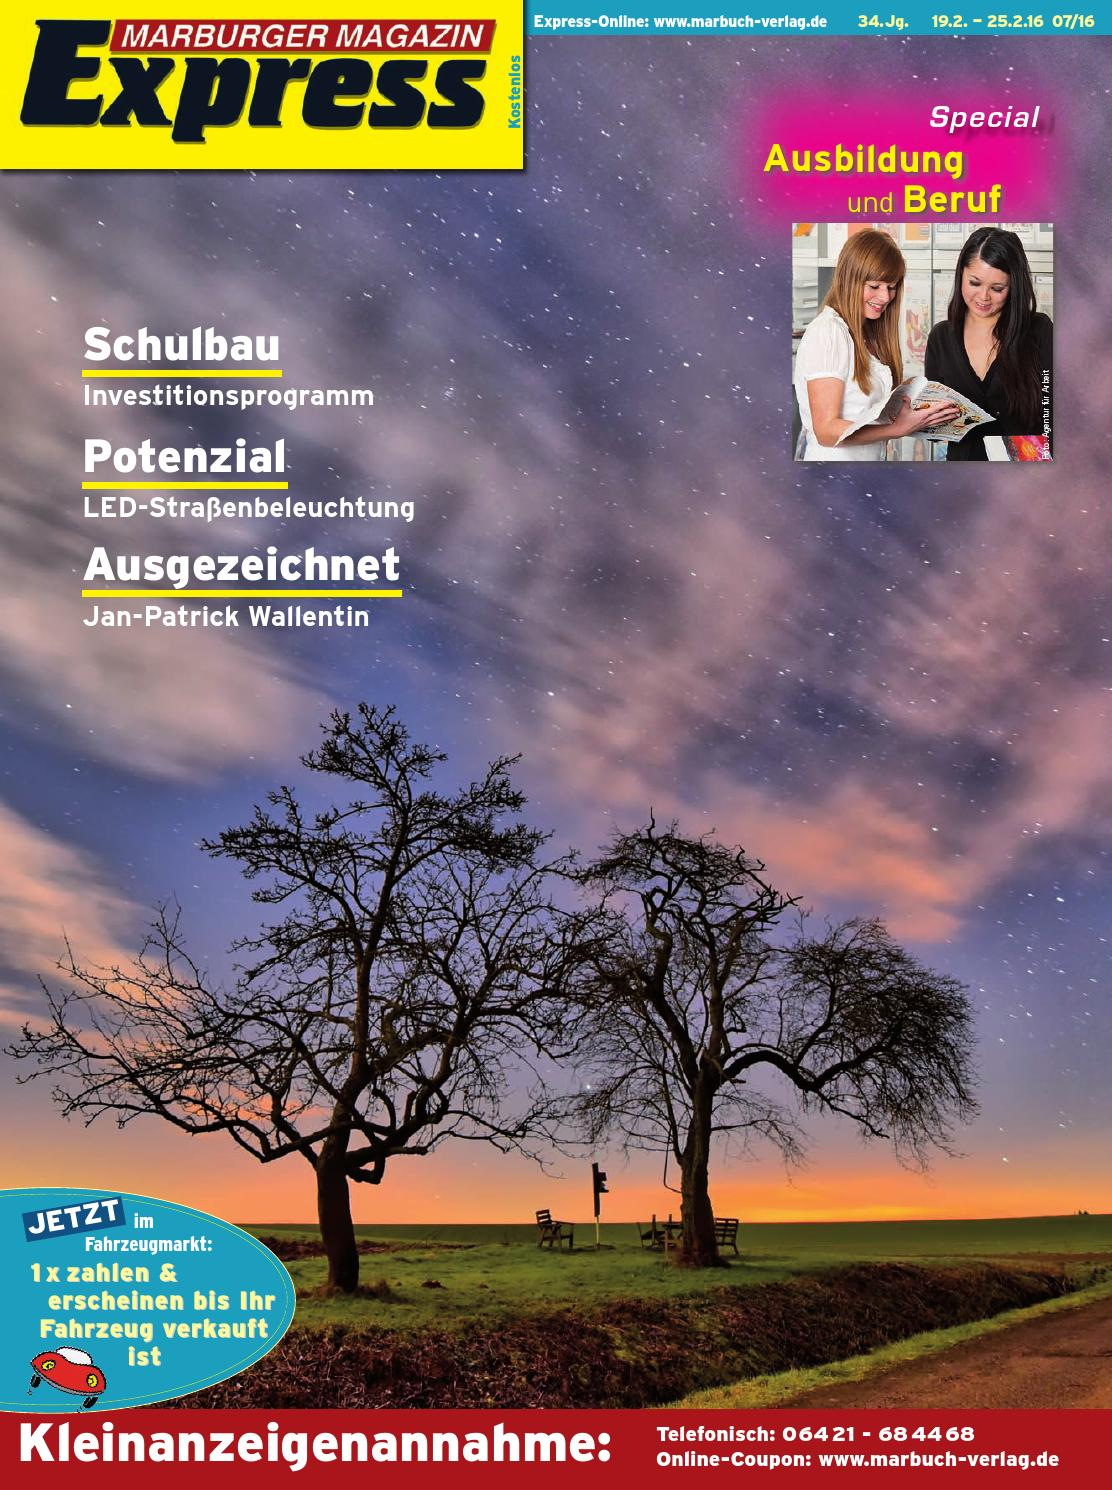 Marburger Magazin Express 7/2016 by Ulrich Butterweck - issuu